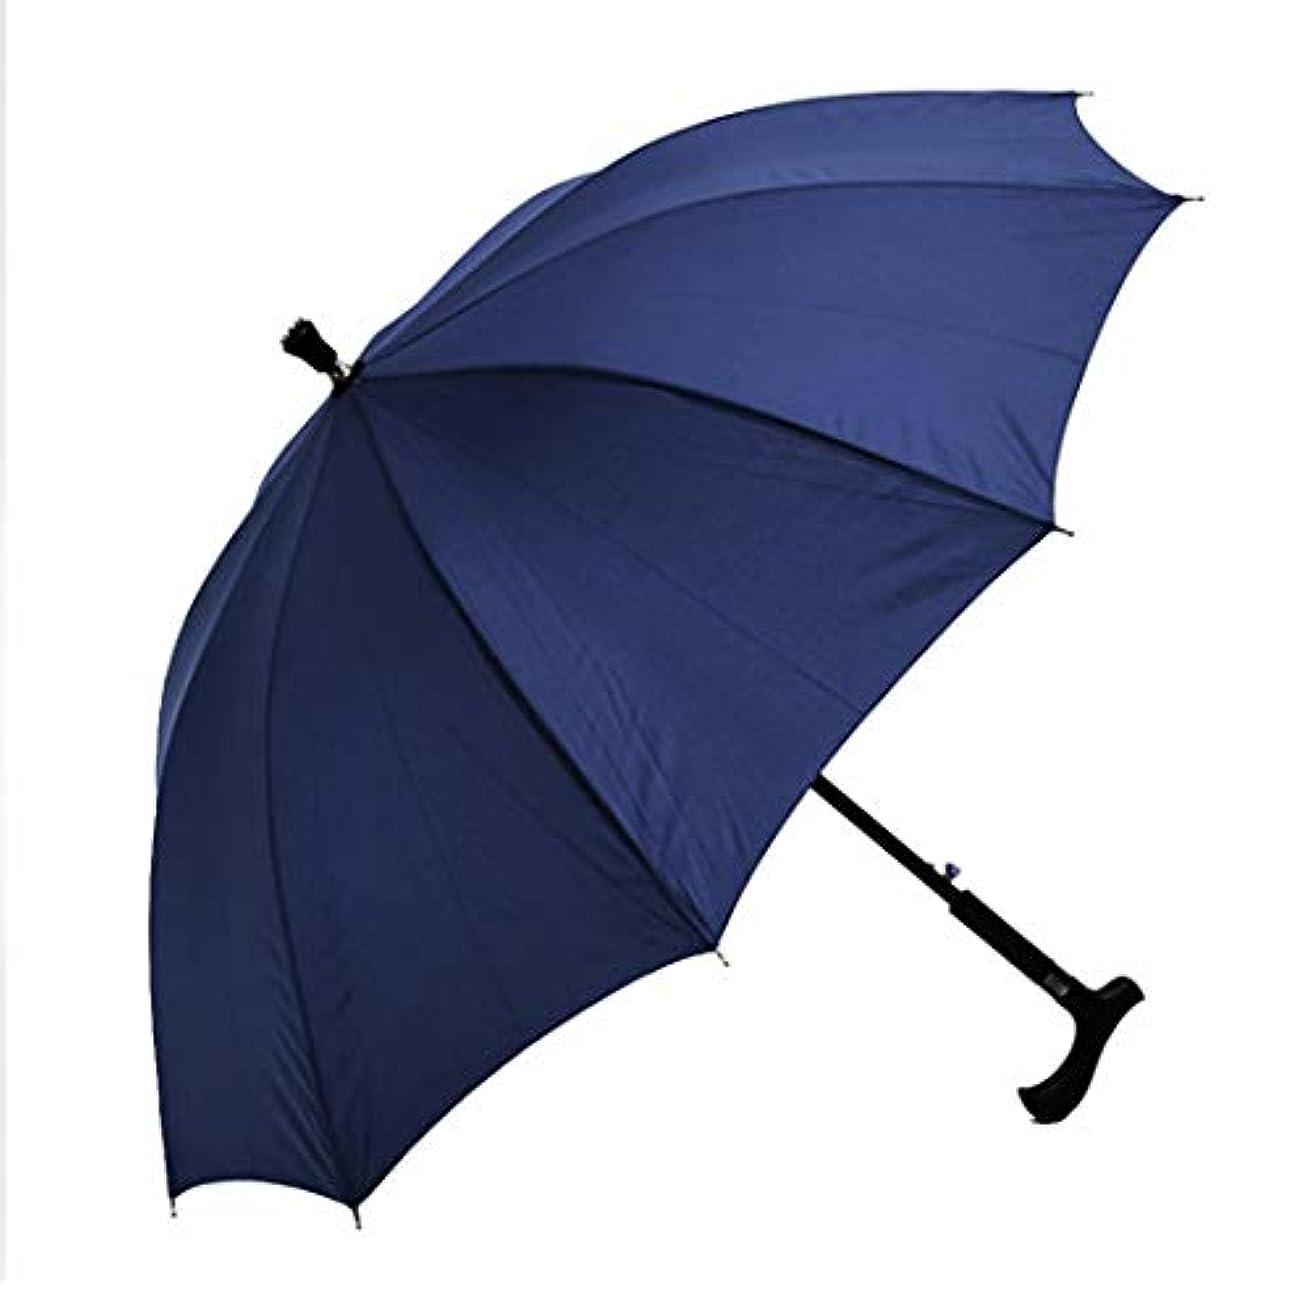 降下代替案静かにcomentrisyz 2-in-1 クライミング ハイキング スティック 松葉杖 防風雨 サン 傘 - ブルー